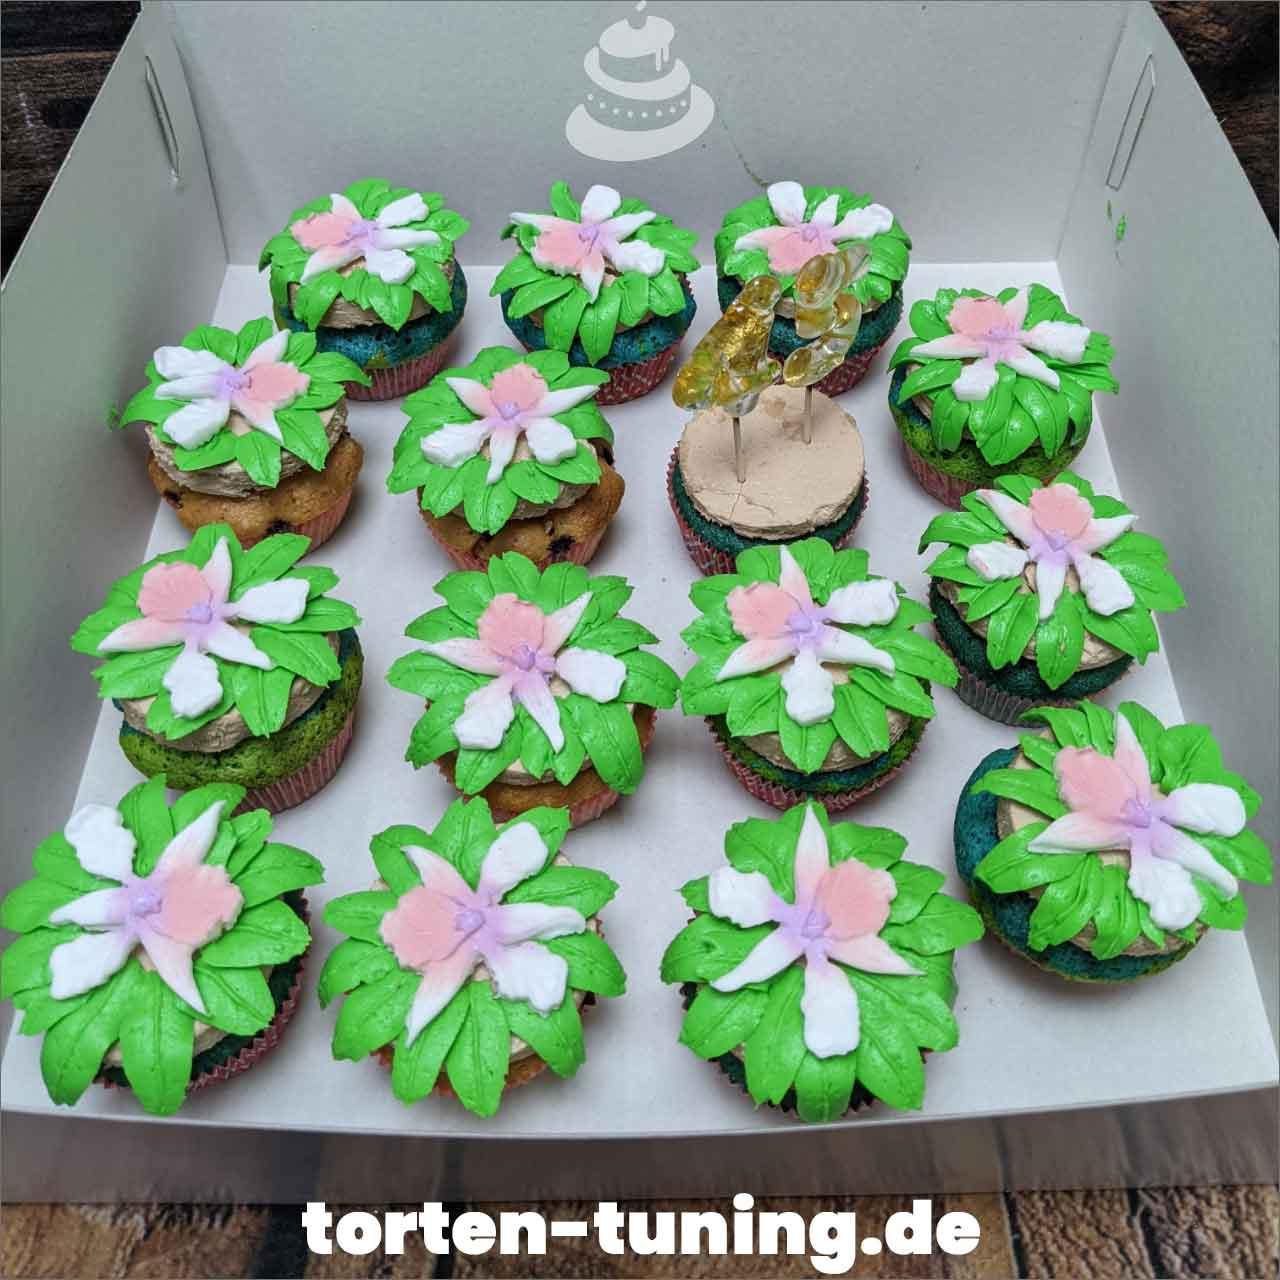 Orchideen Cupcakes Dripcake Obsttorte Geburtstagstorte Motivtorte Torte Tortendekoration Torte online bestellen Suhl Thüringen Torten Tuning Sahnetorte Tortenfiguren Cake Topper